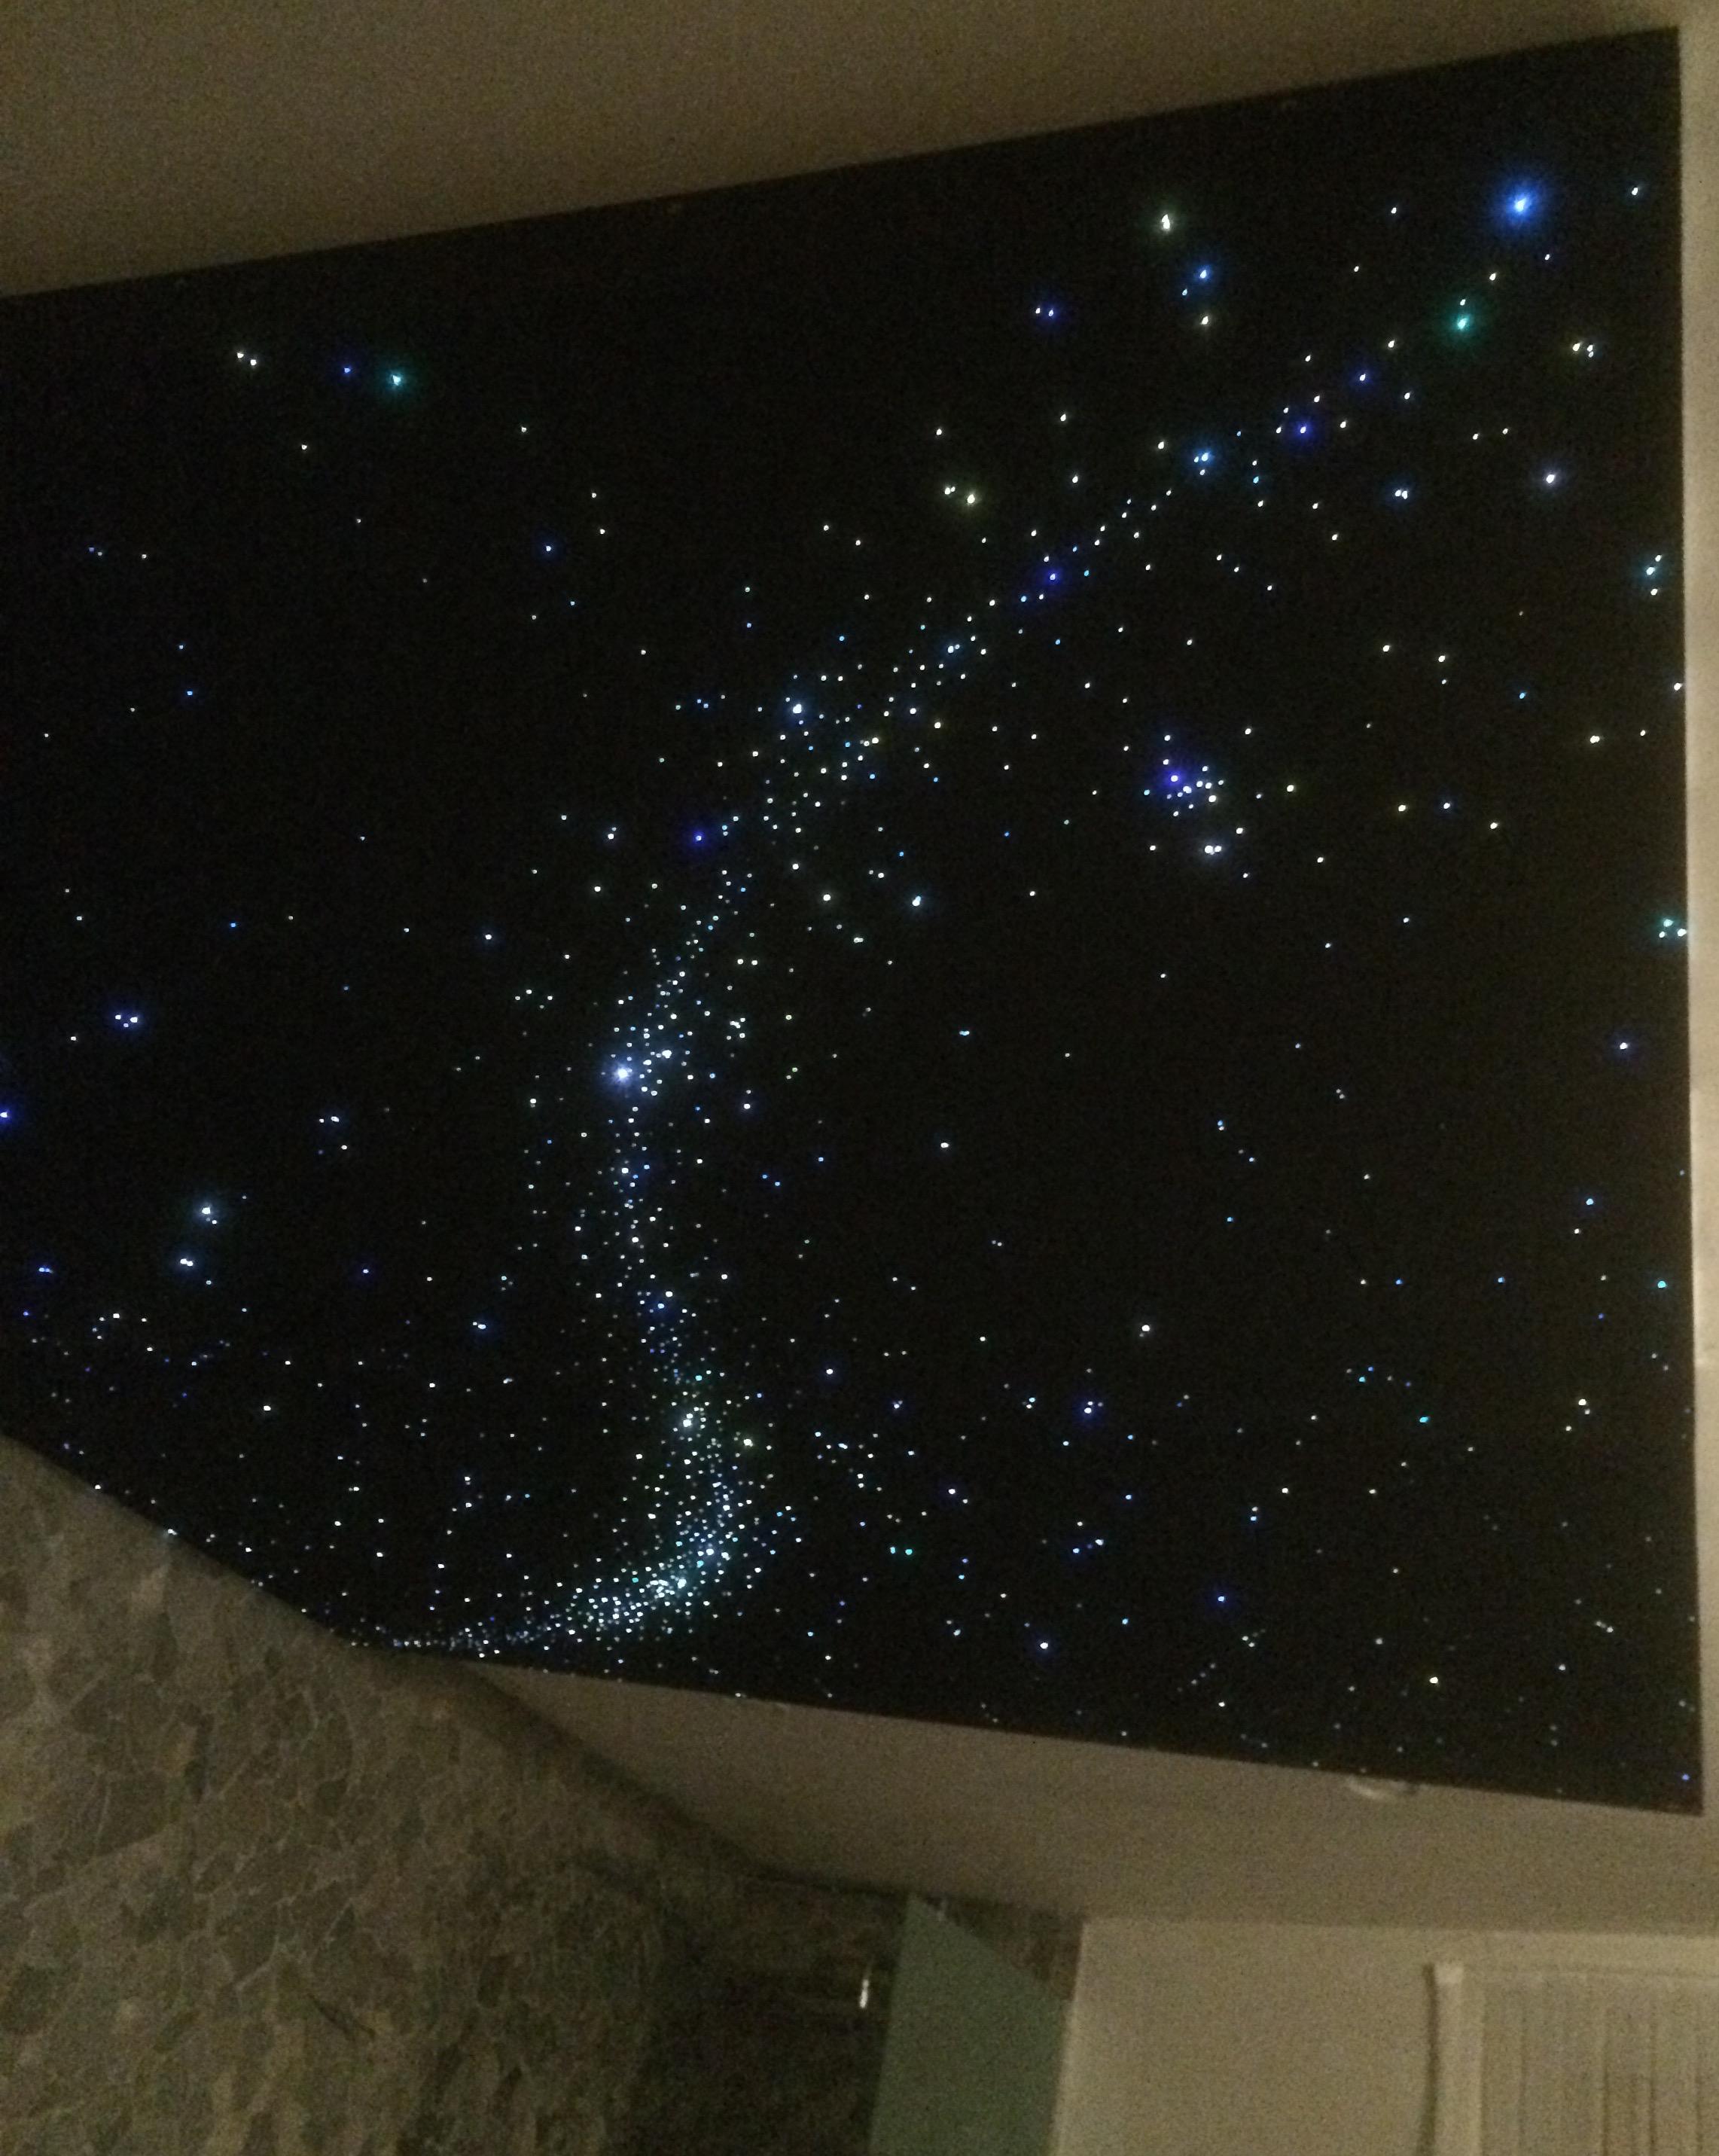 sternenhimmel decke led abgehängte lampe shop schlafzimmer fertig bilder glasfaser beleuchtung licht sternen himmel wohnzimmer panel